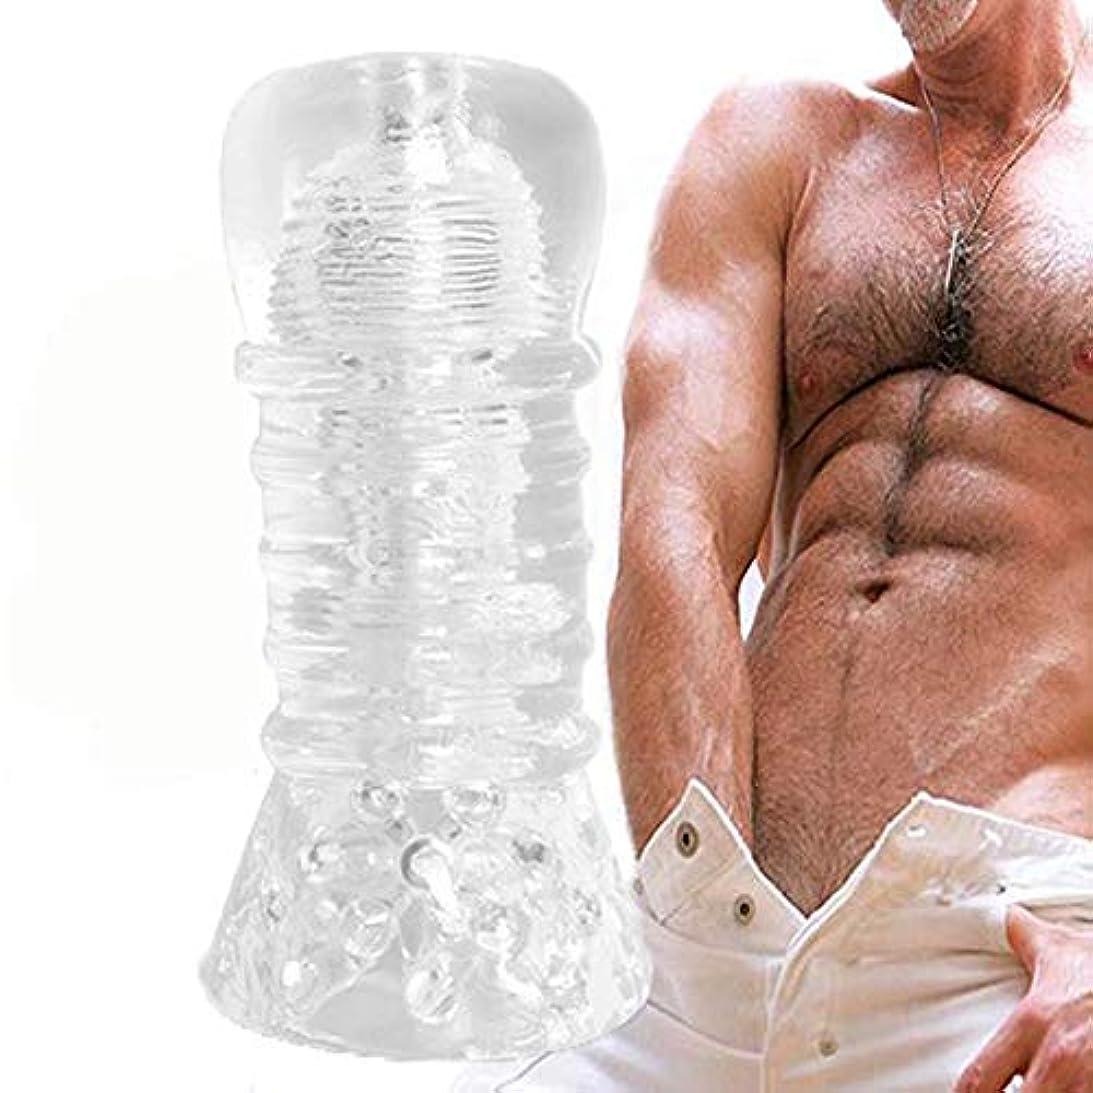 苦しみアコード北東ディレイトレーニング装置男性オナニー TPRオナニーカップメンズ 男性オナニー G スポット刺激 超柔らかい 透明 情趣グッズ 大人のおもちゃ 男性用